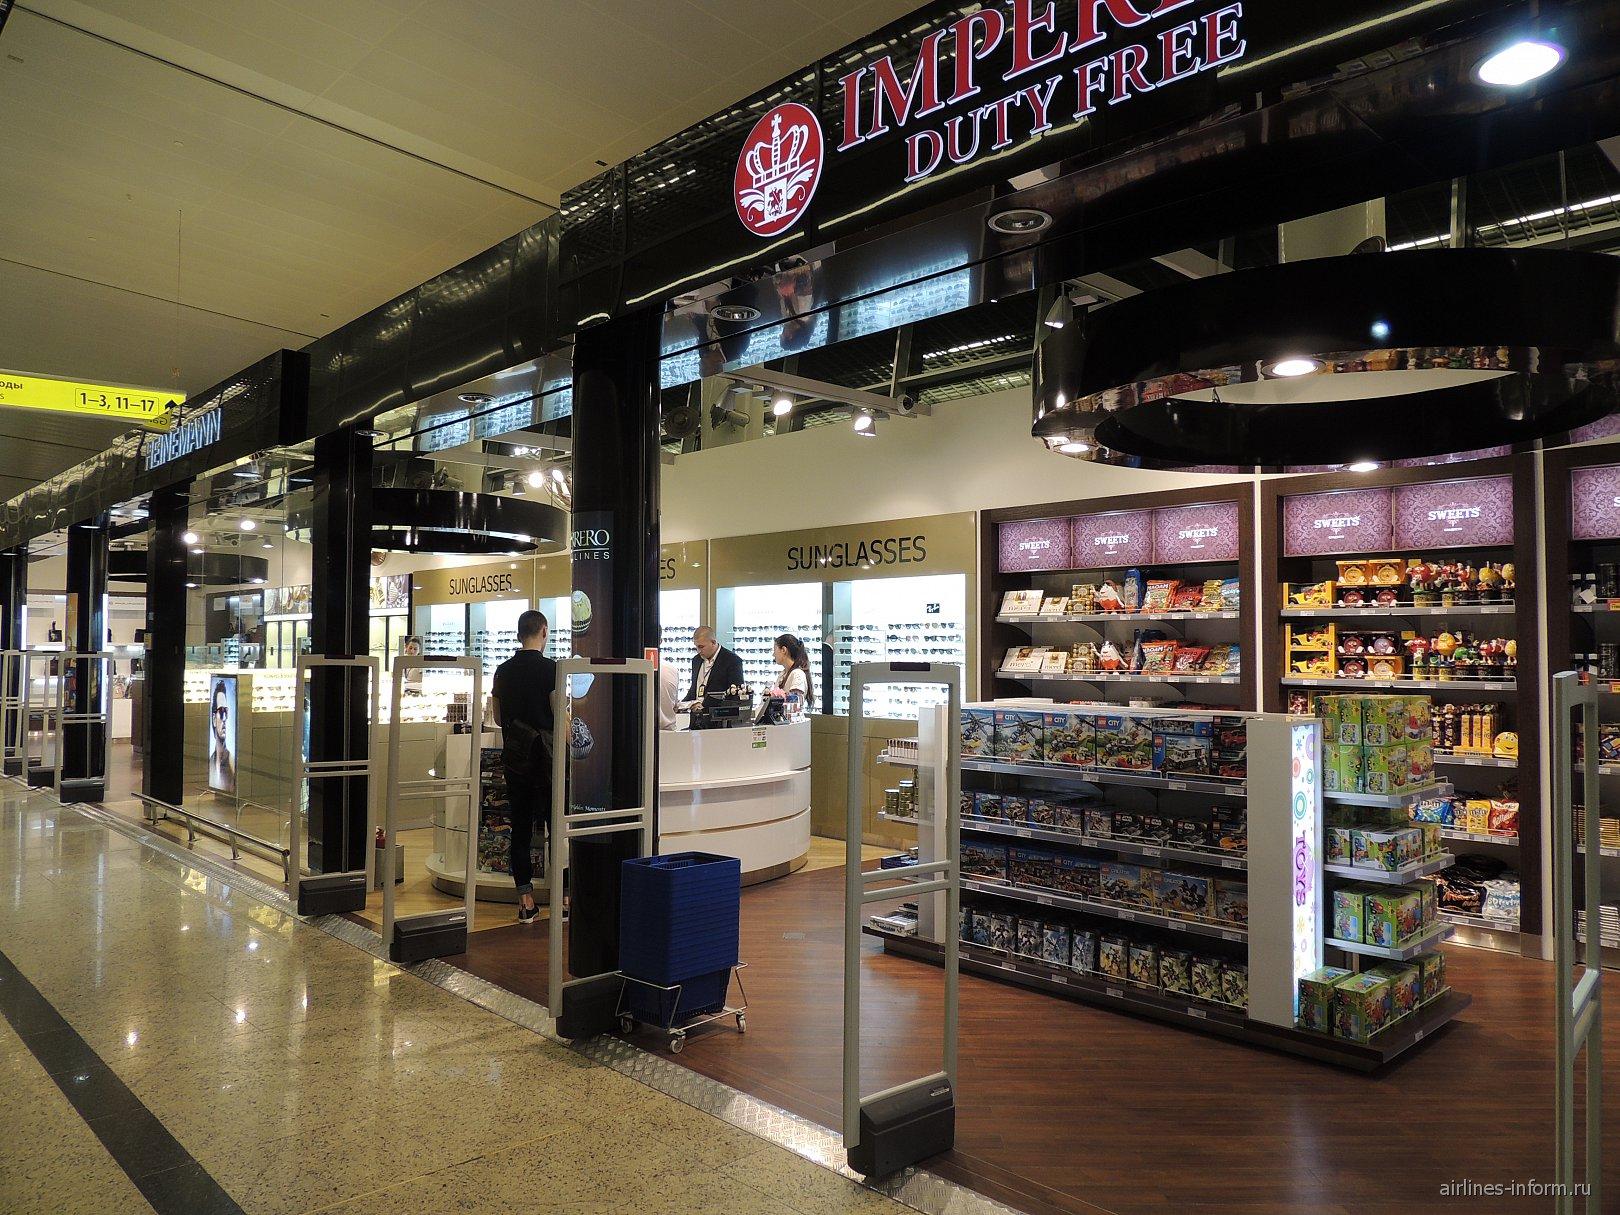 Магазин Duty-Free в чистой зоне терминала D аэропорта Шереметьево